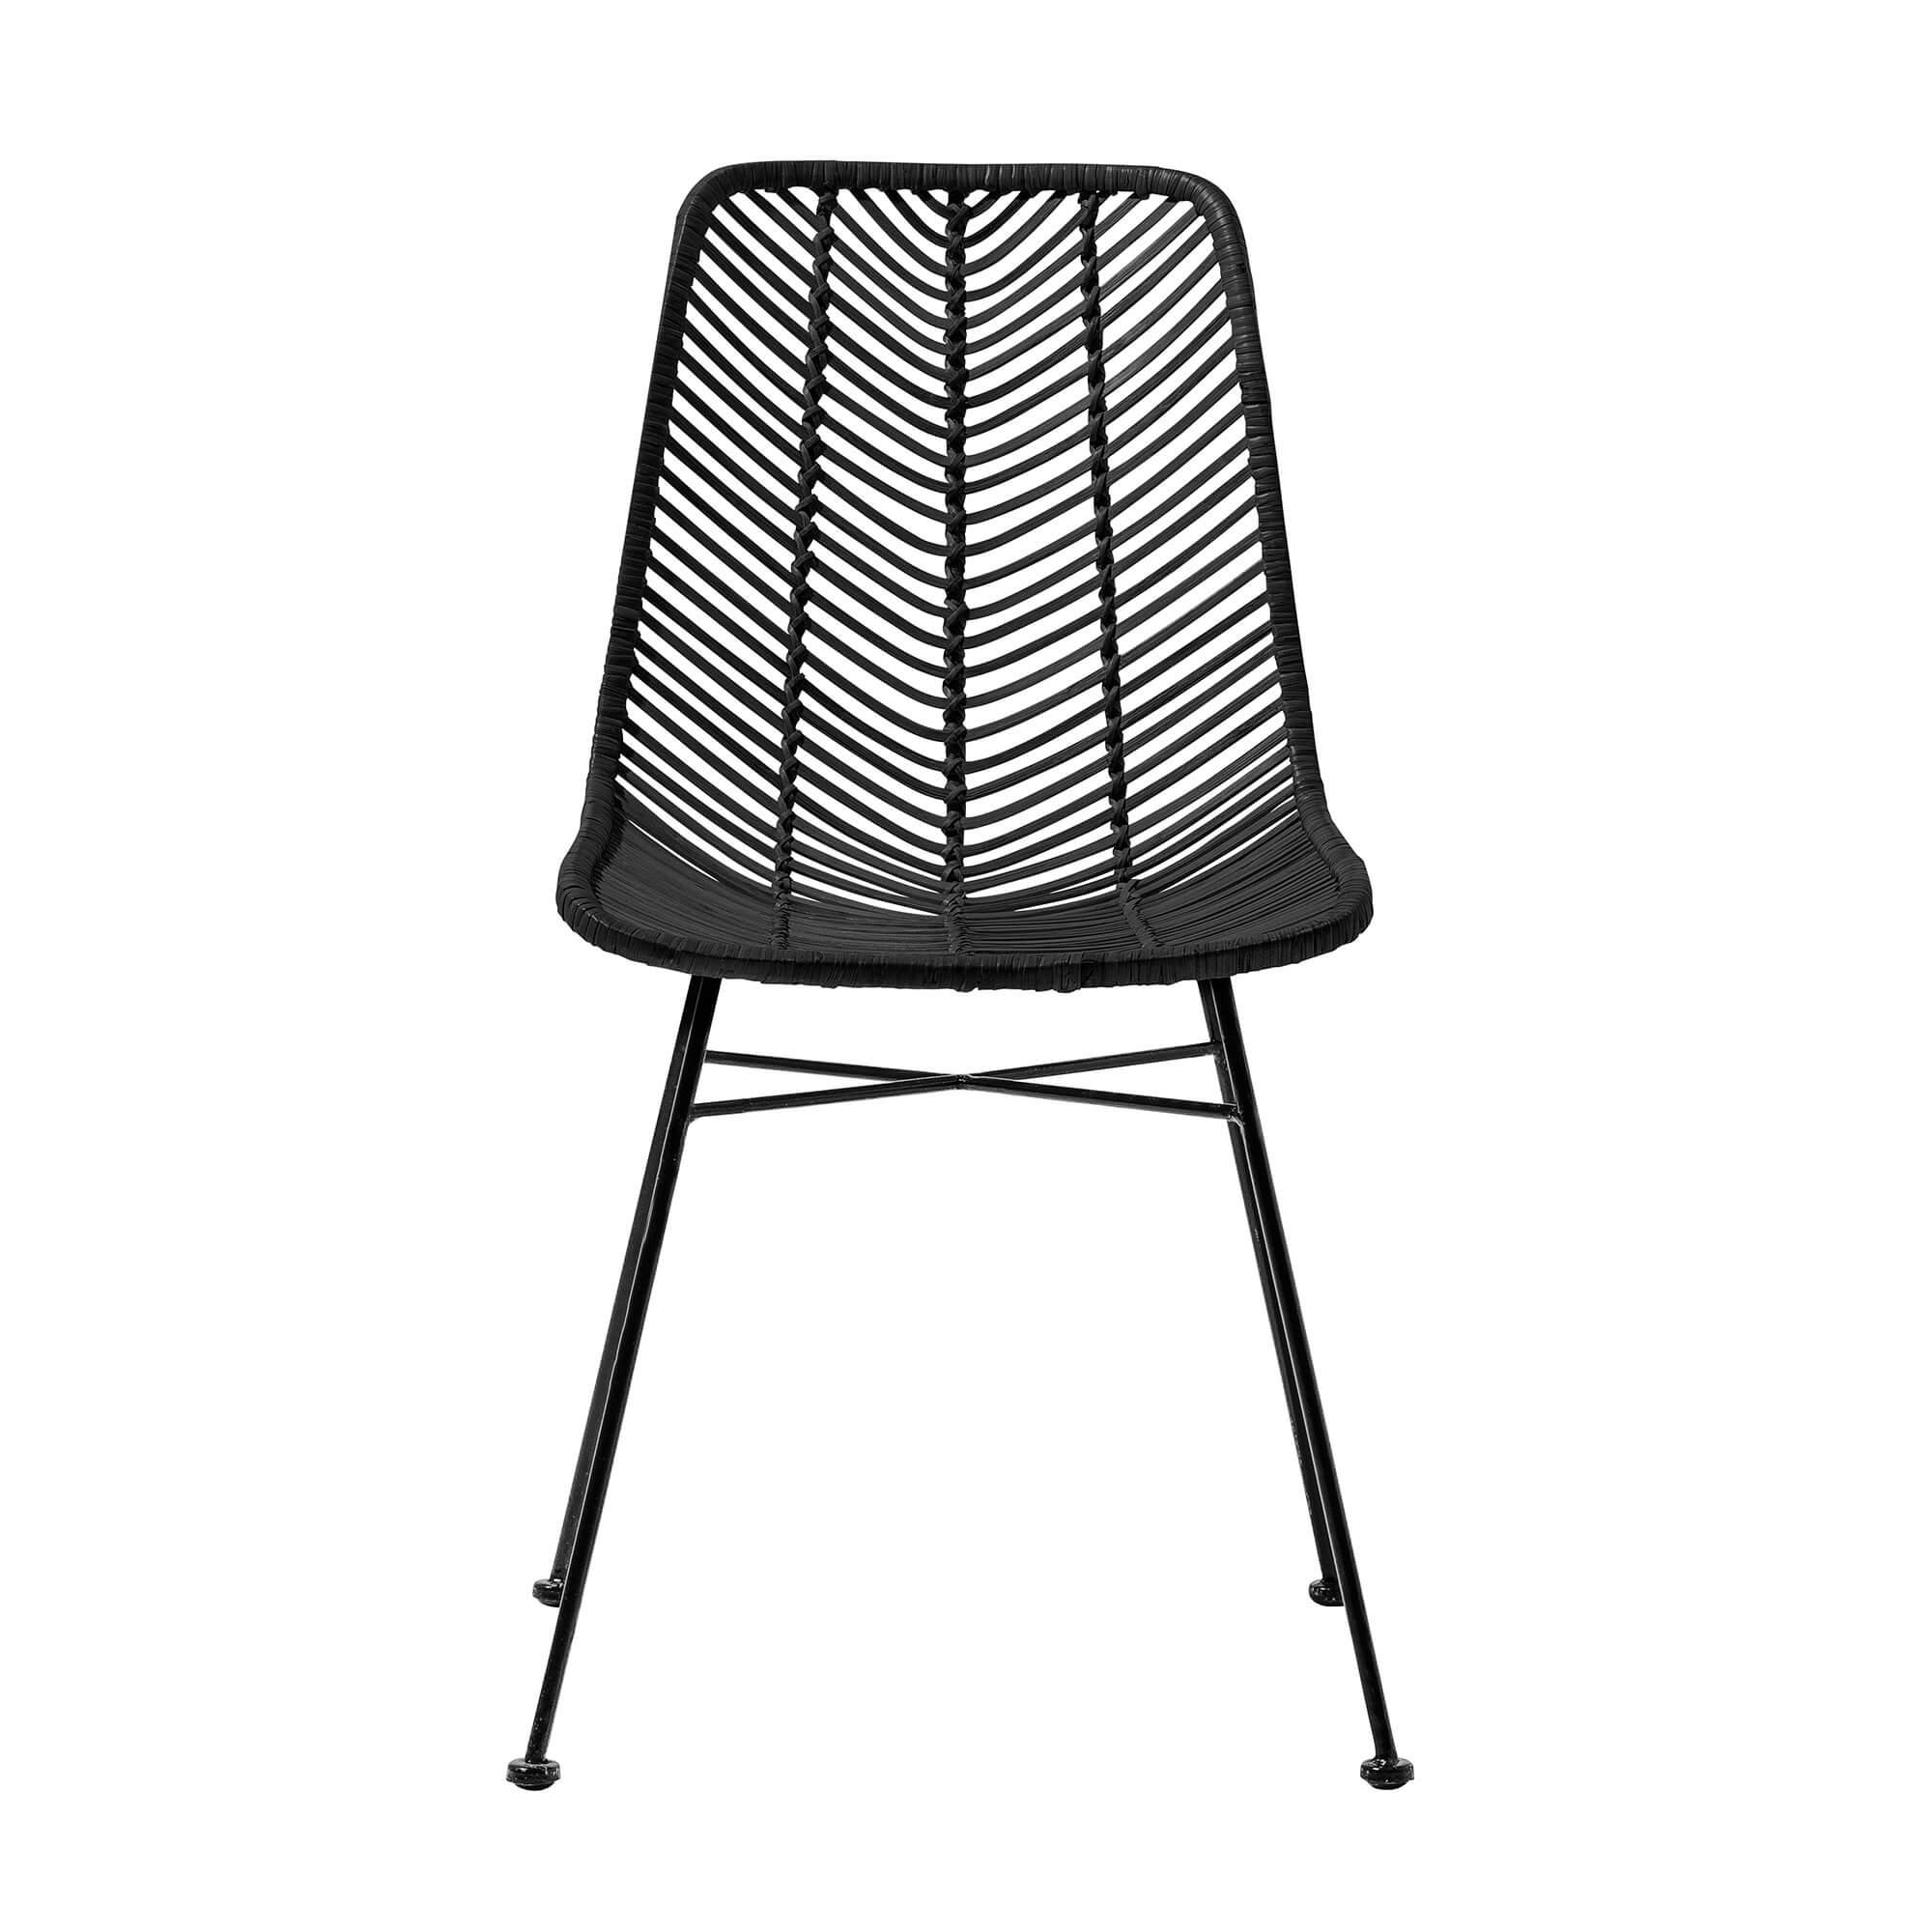 Bloomingville lena spisebordsstol - sort rattan/jern fra bloomingville på boboonline.dk